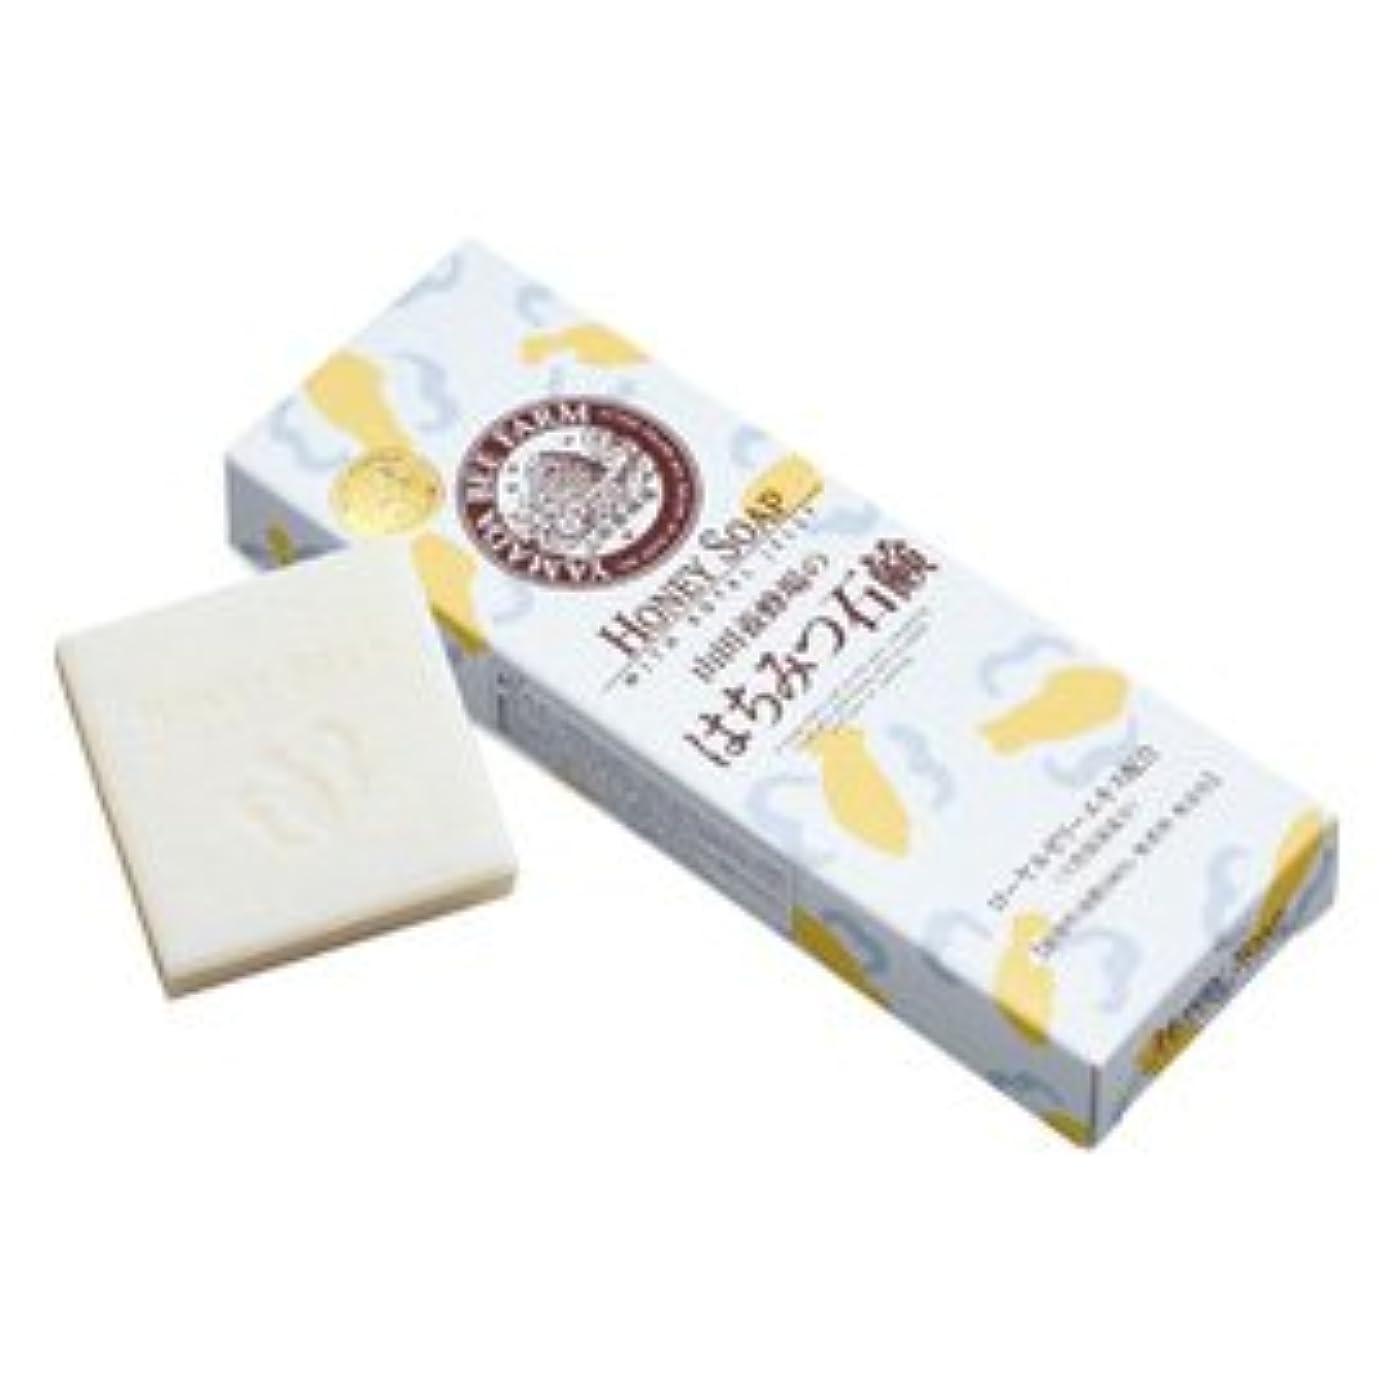 偶然の消費者いつでもはちみつ石鹸 60g×3個入/Honey Soap